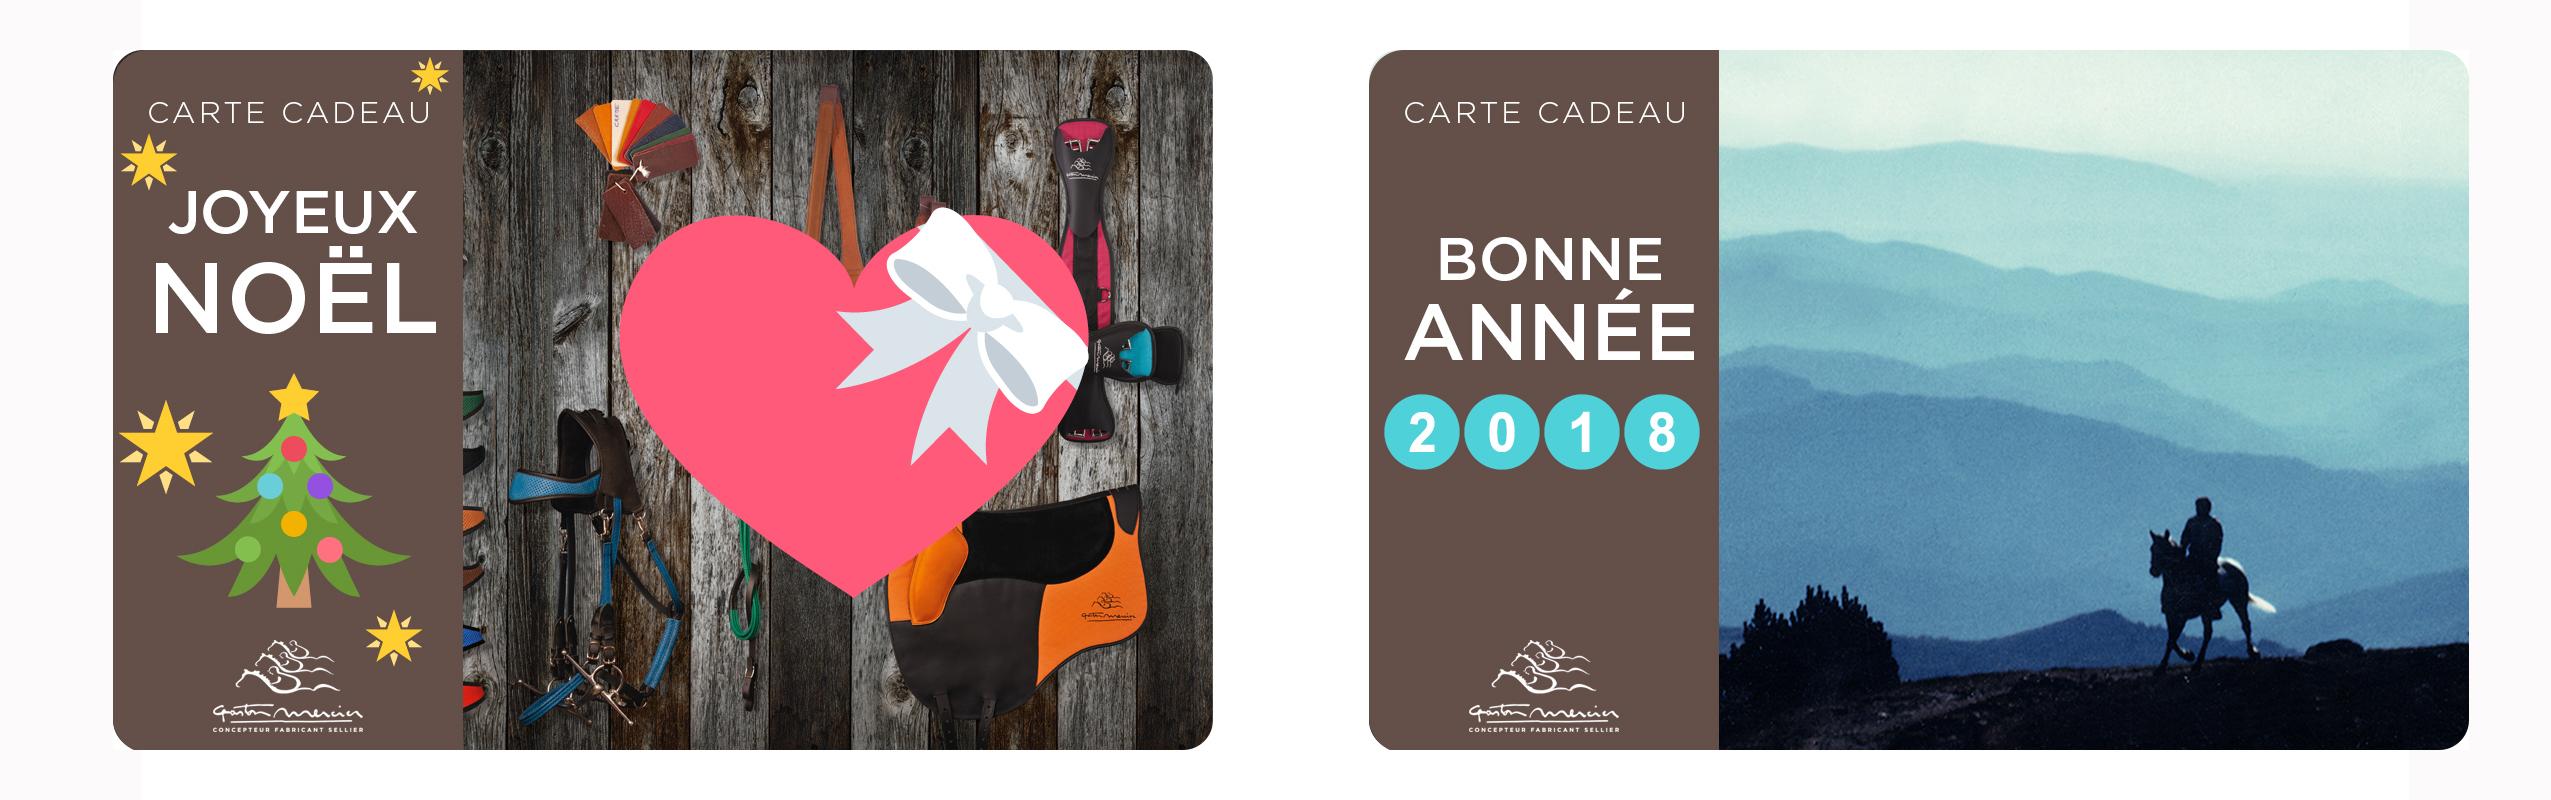 Carte Cadeau Gaston Mercier Noel Bonne Année